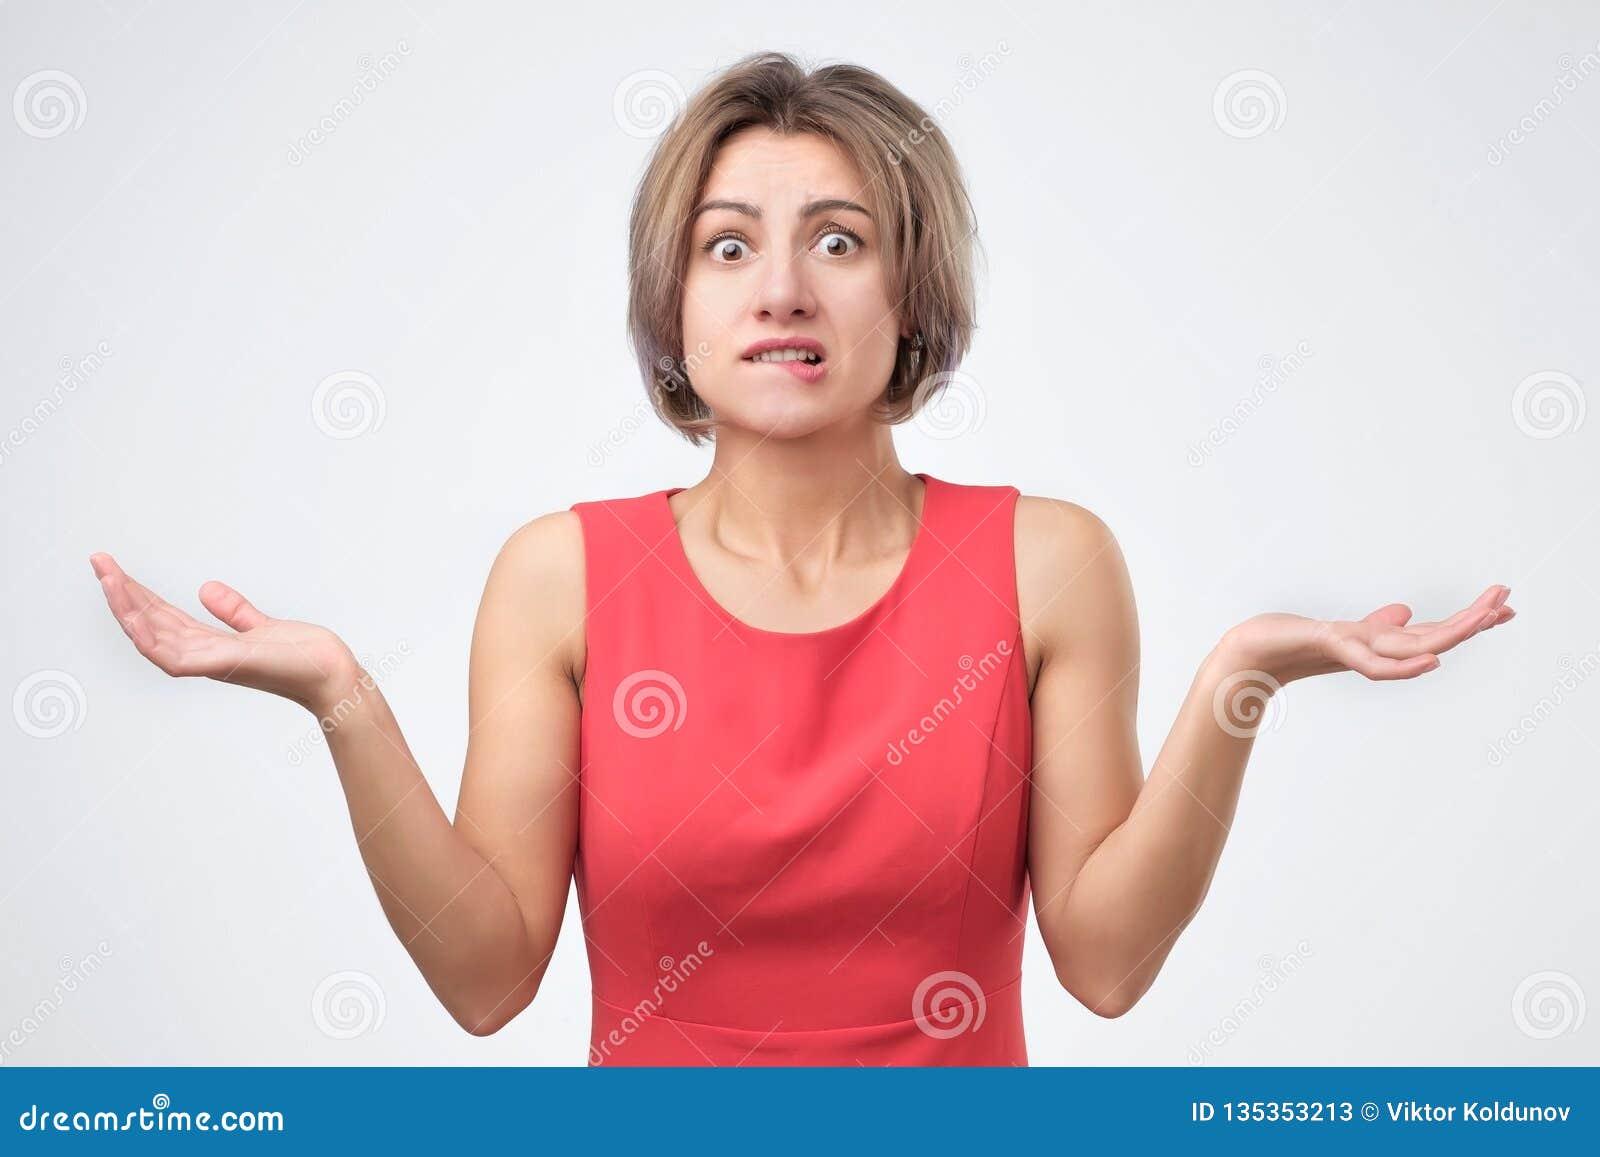 Женщина в голубых одеждах shrugging ее плечи, выражая сомнение, неопределенность или равнодушие